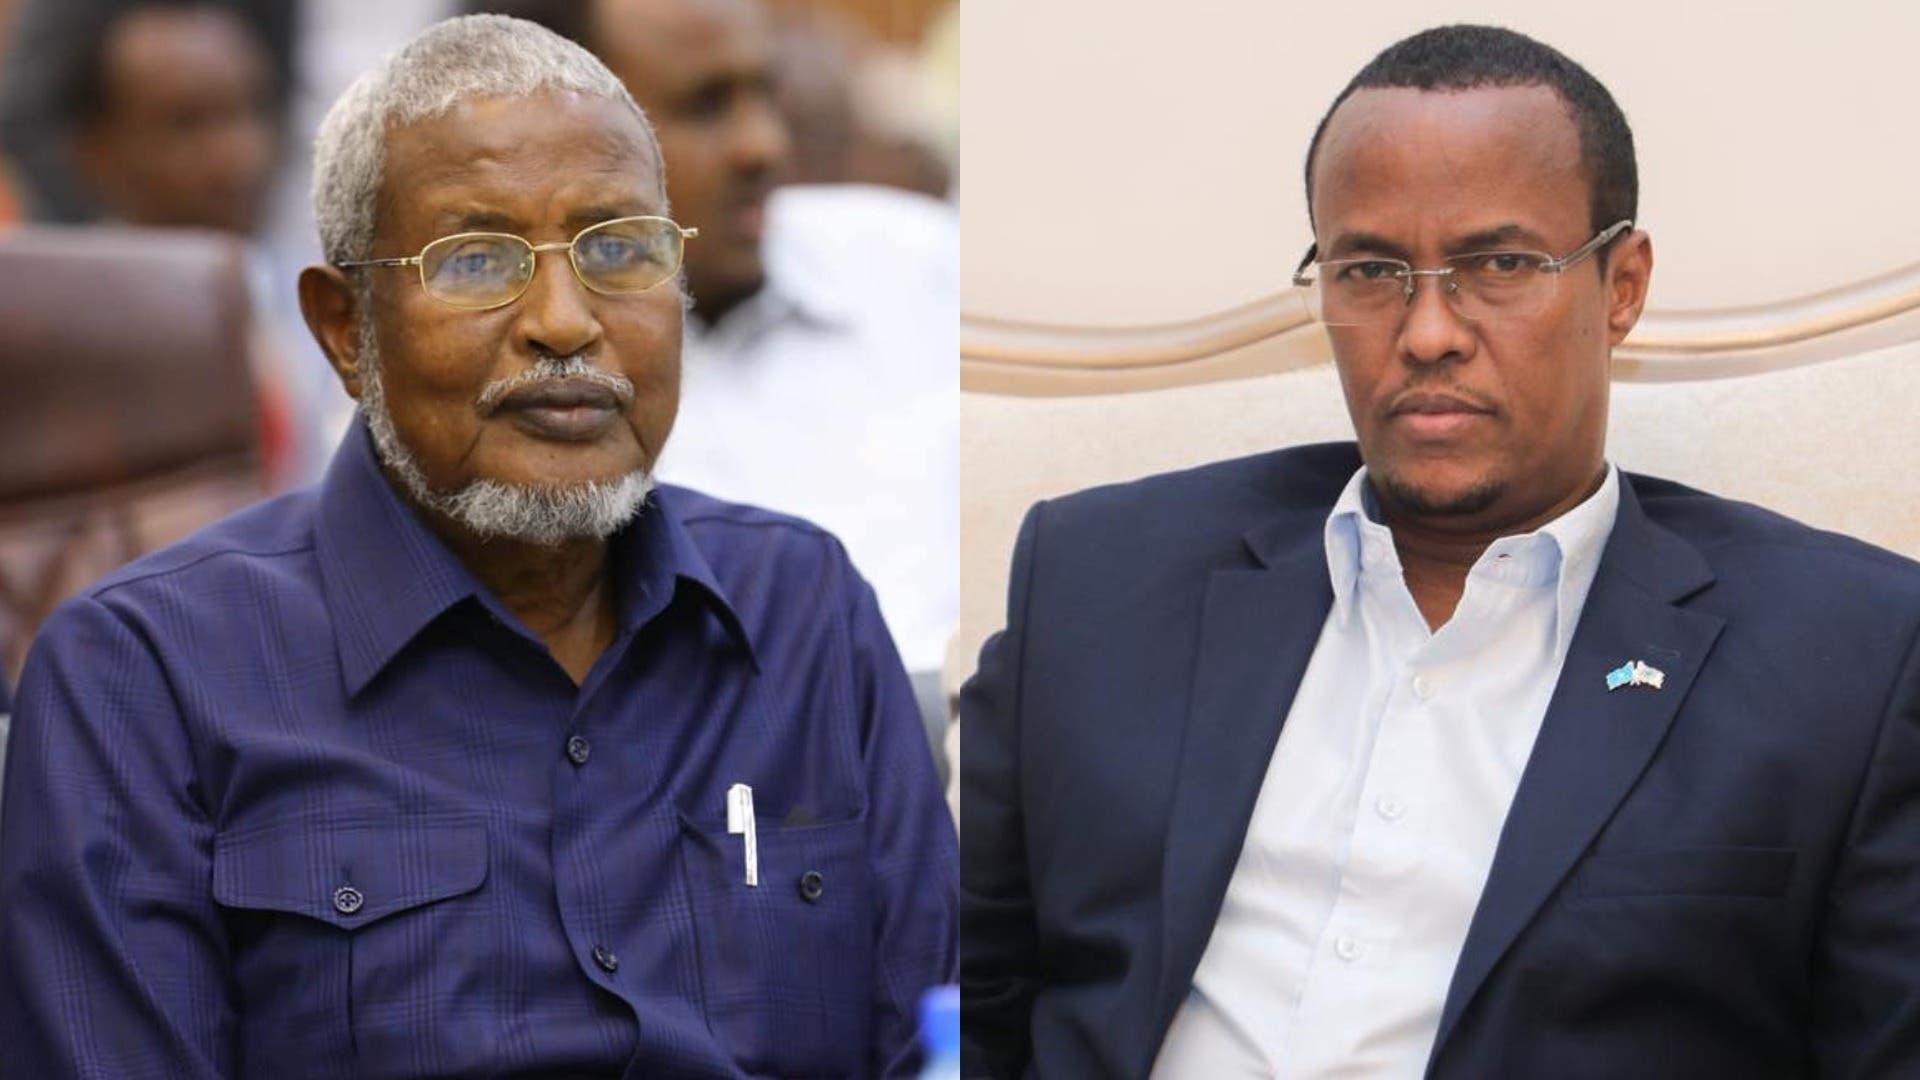 Daawo: Muuse Suudi oo shaaca ka qaaday arrin dhex-martay isaga iyo Guudlaawe